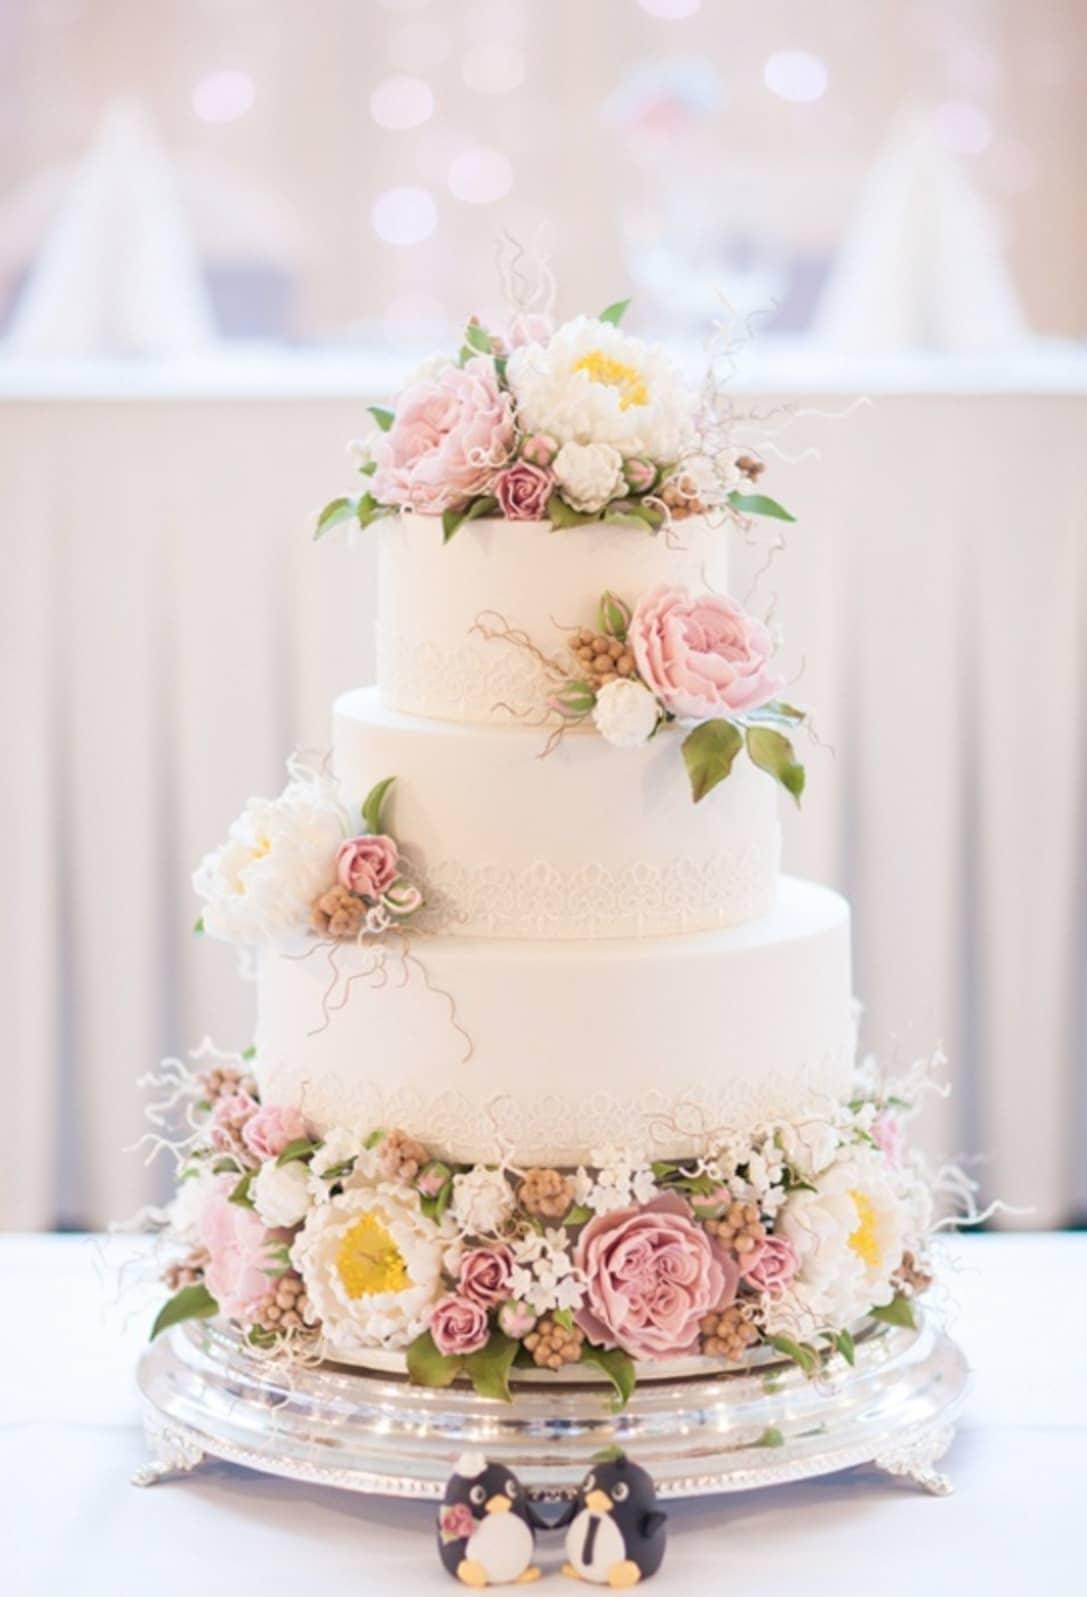 Bộ ảnh đẹp về bánh cưới cho ngày trọng đại